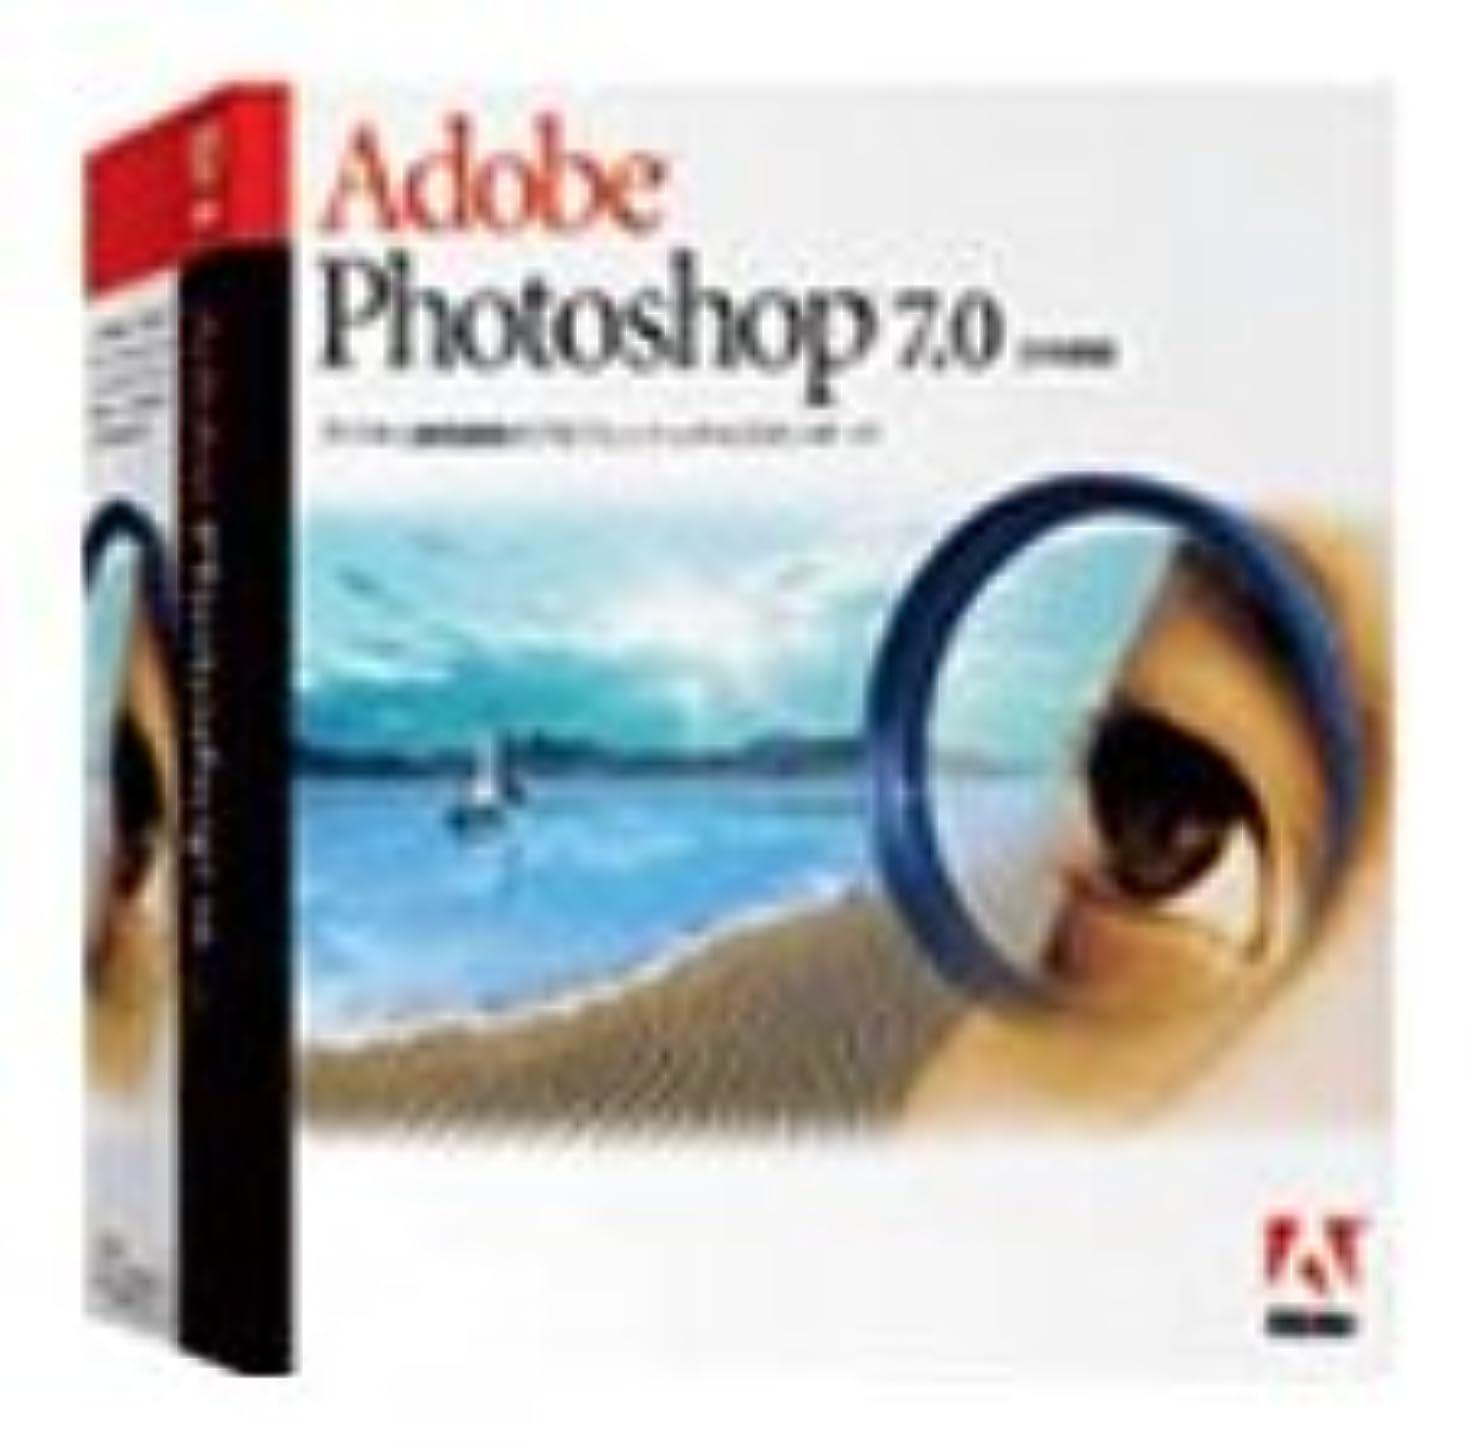 接地臭い輝くPhotoshop 7.0 日本語版 Mac版 アカデミック